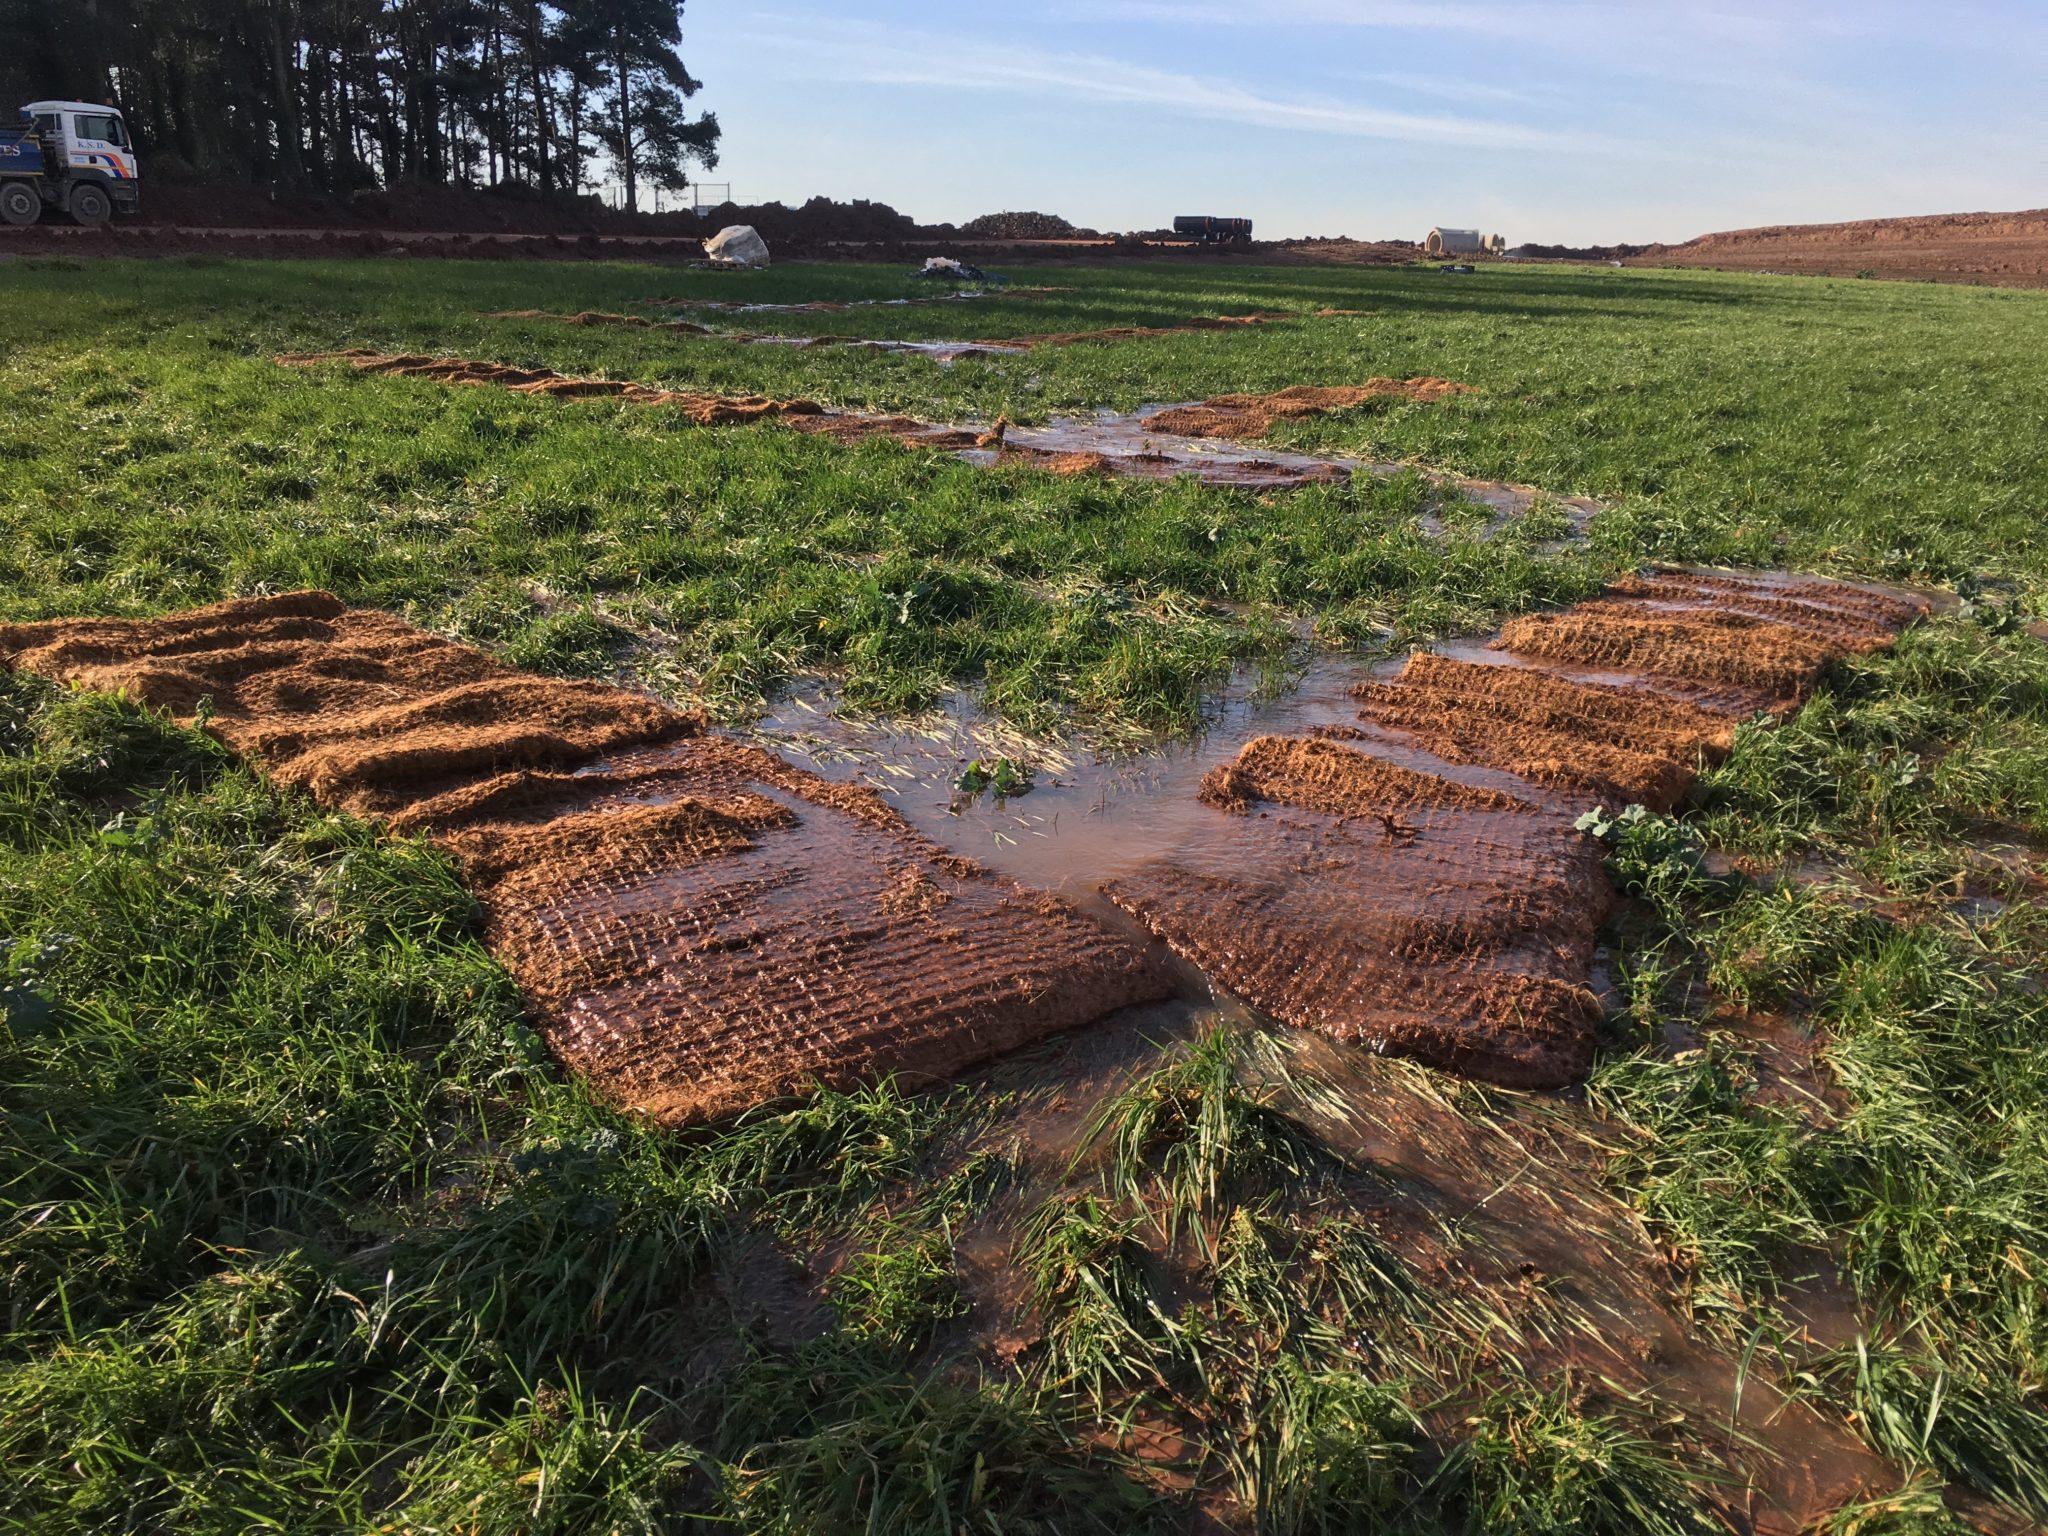 Flocs Mats in field